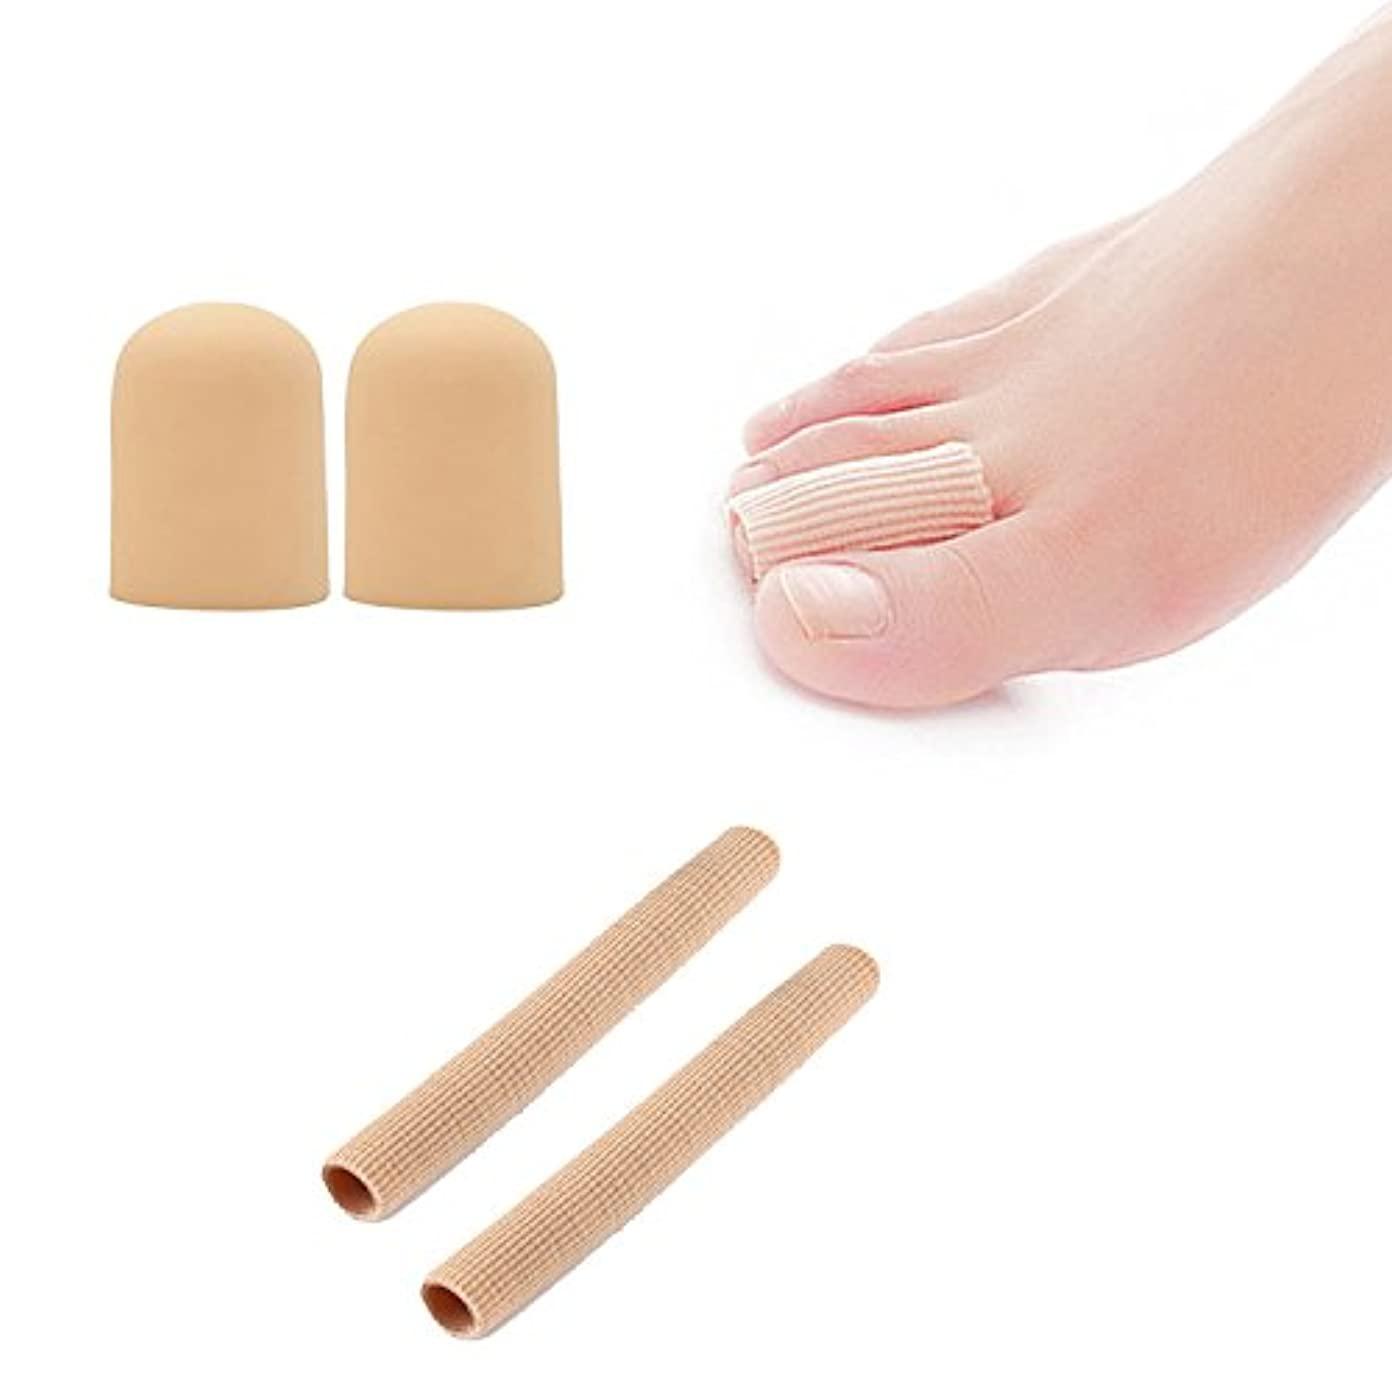 服するだろう適度に足指保護キャップ つま先プロテクター 足先のつめ保護キャップ シリコン 調整可能